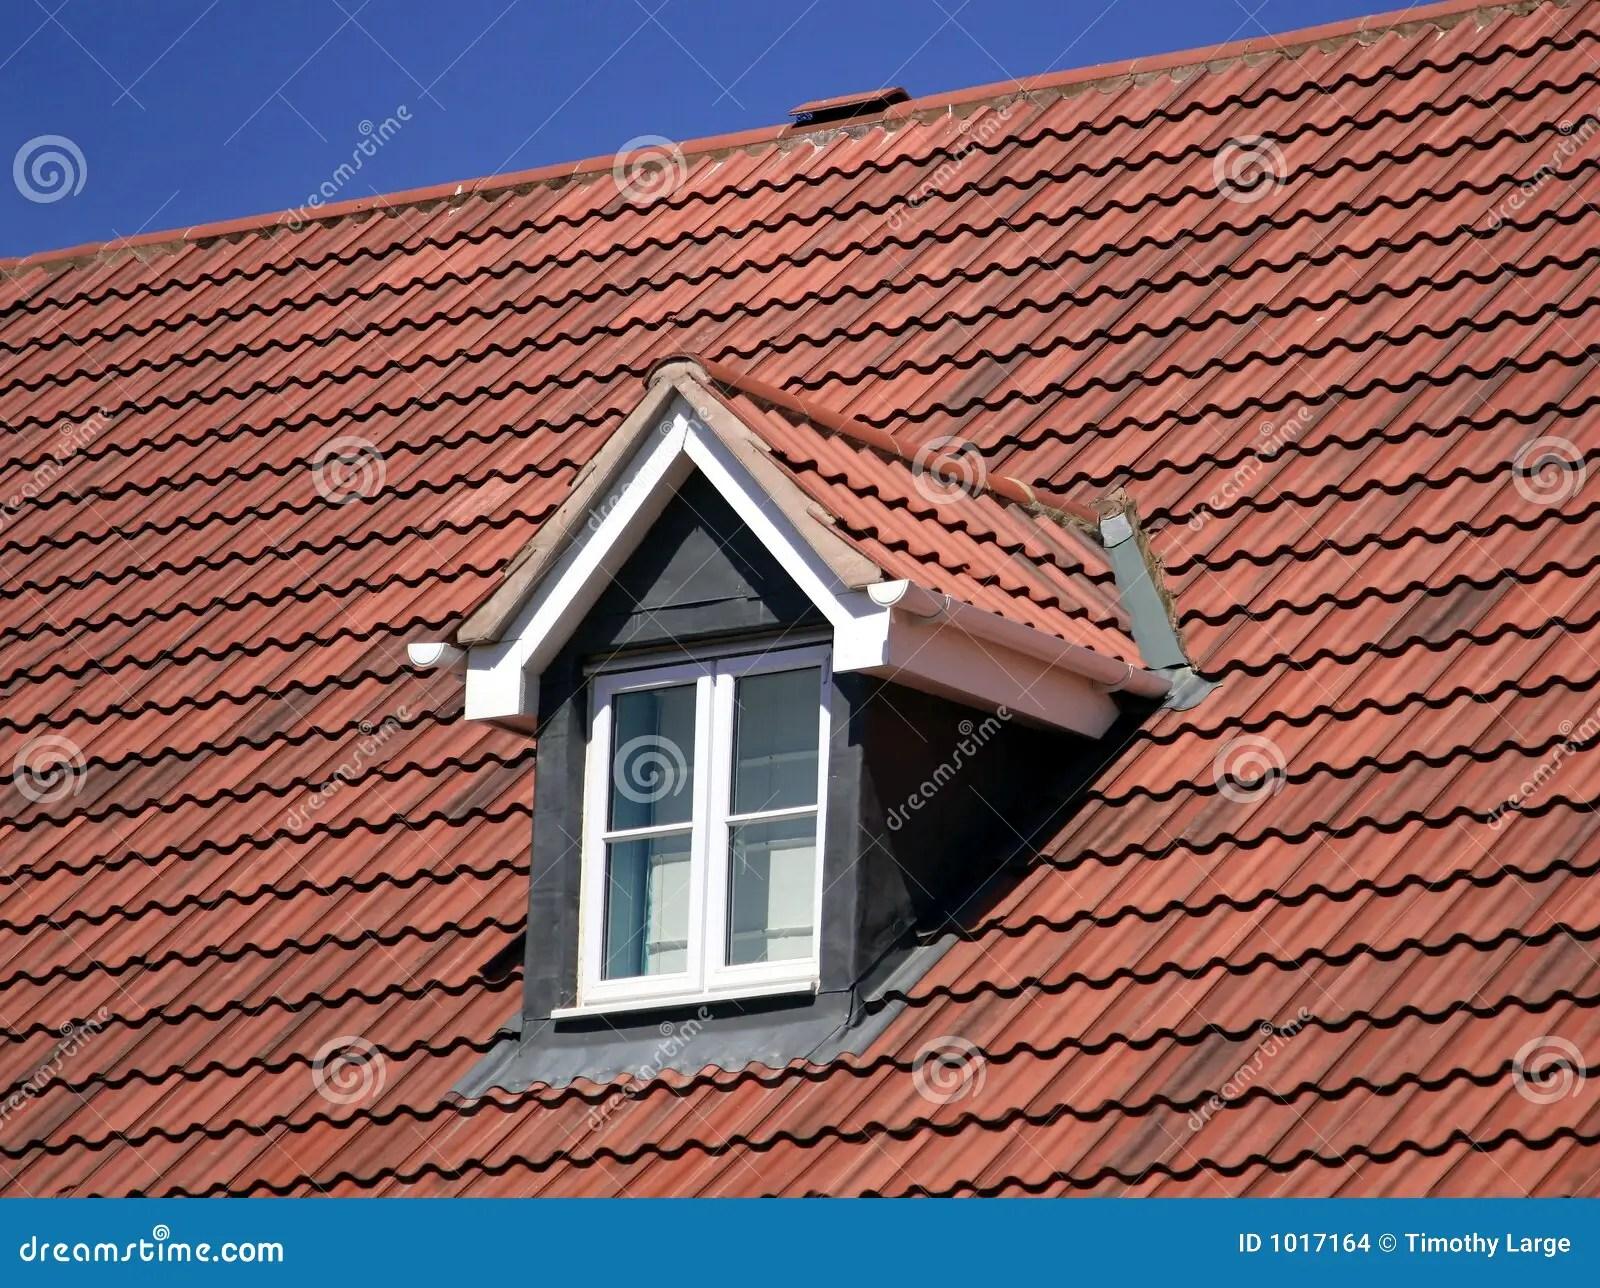 hight resolution of roof window